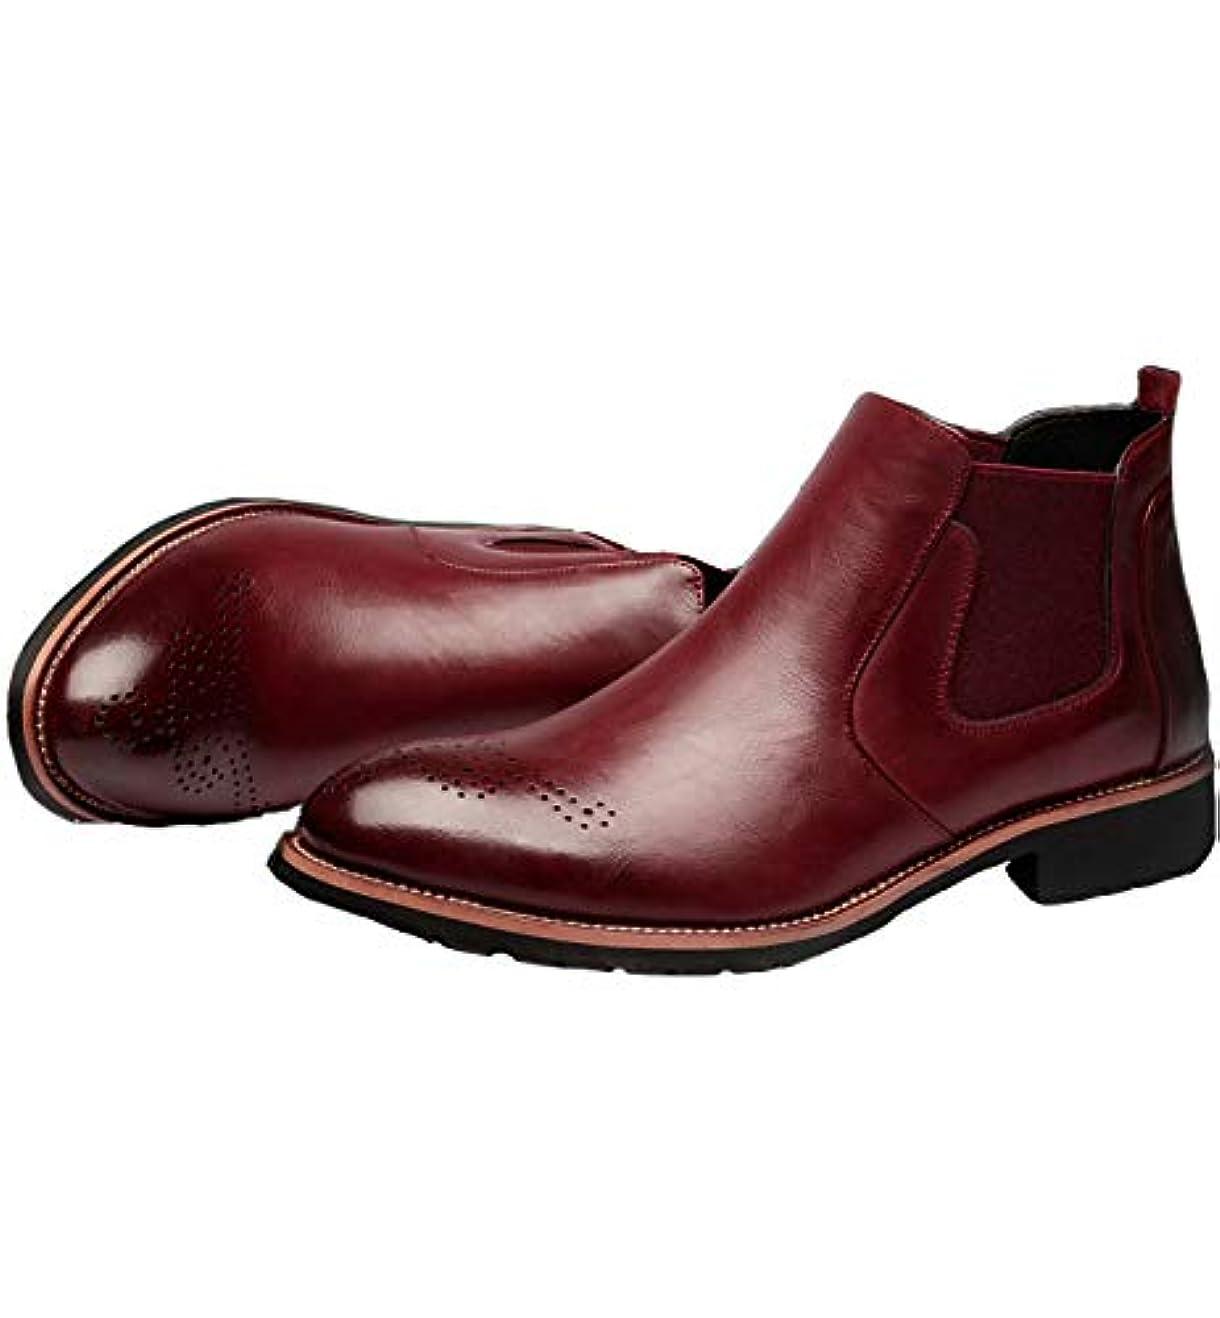 幹ほとんどの場合評価する(フォクスセンス) Foxsense 本革 ブロック 英徳風 レジャ- ビジネスシューズ 紳士靴 メンズ レディース 通勤 防水 フォーマル レインブーツ マーチン サイドジップ ワークブーツ